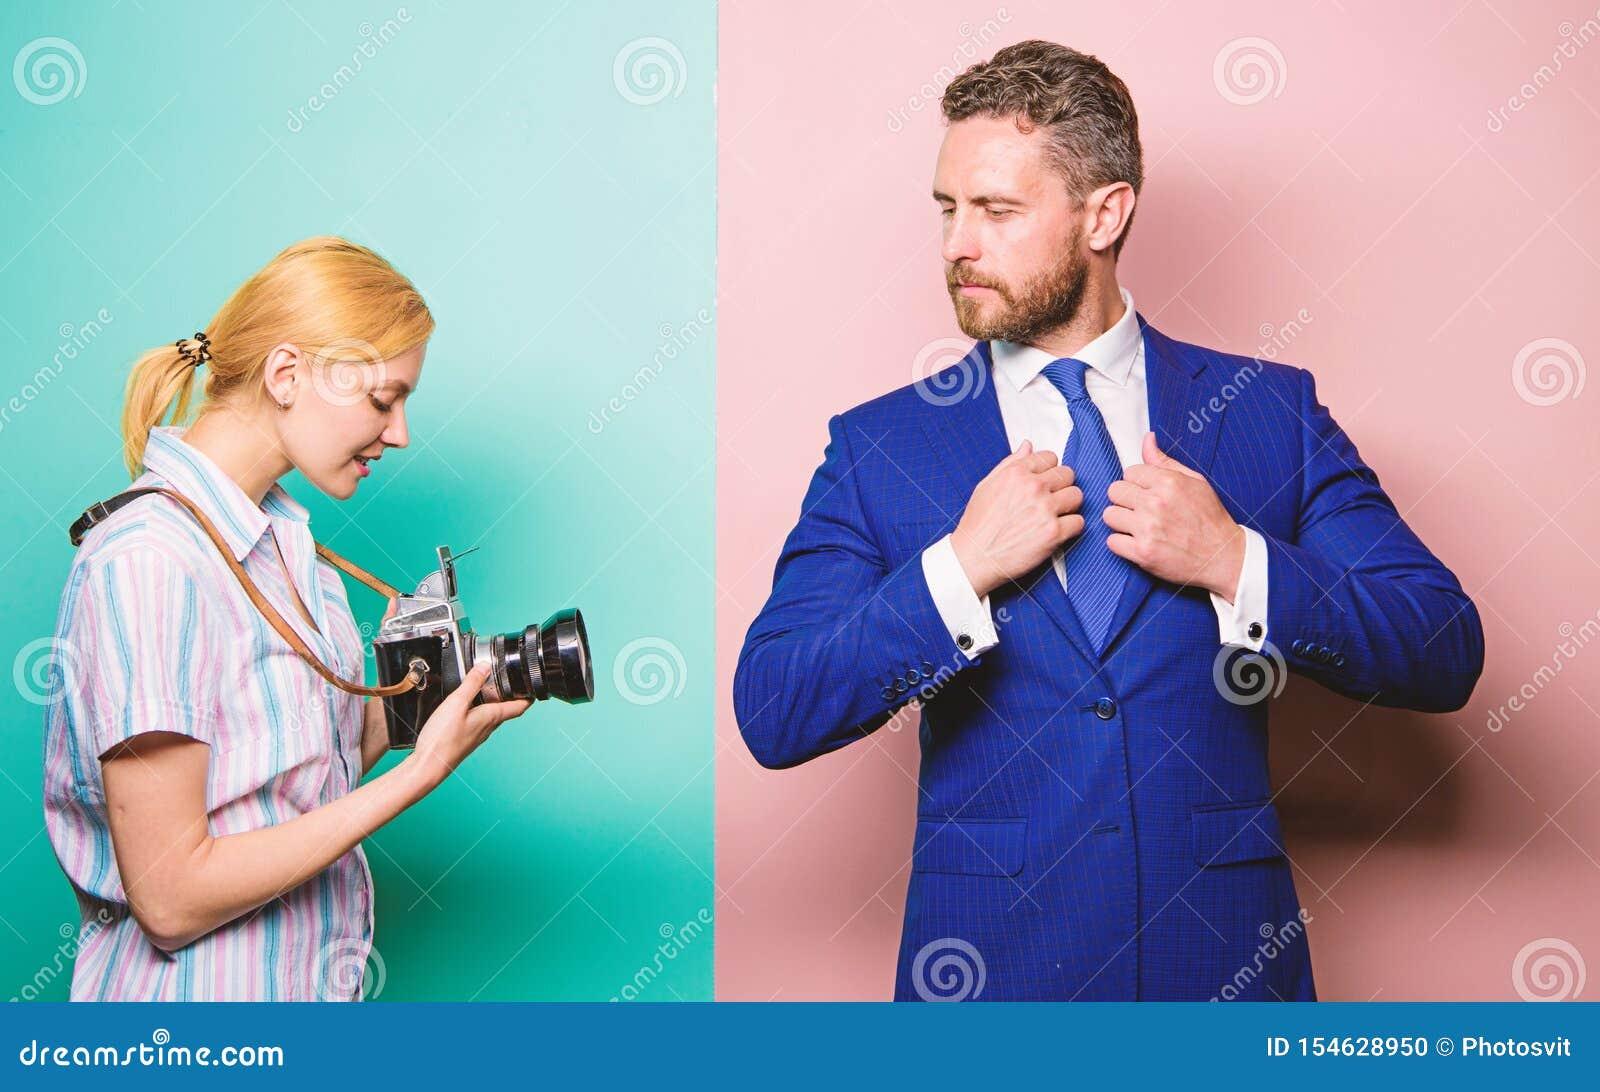 Paparazziconcept Photosession voor bedrijfstijdschrift Knappe zakenman stellende camera Het schot van Nice Bekendheid en succes